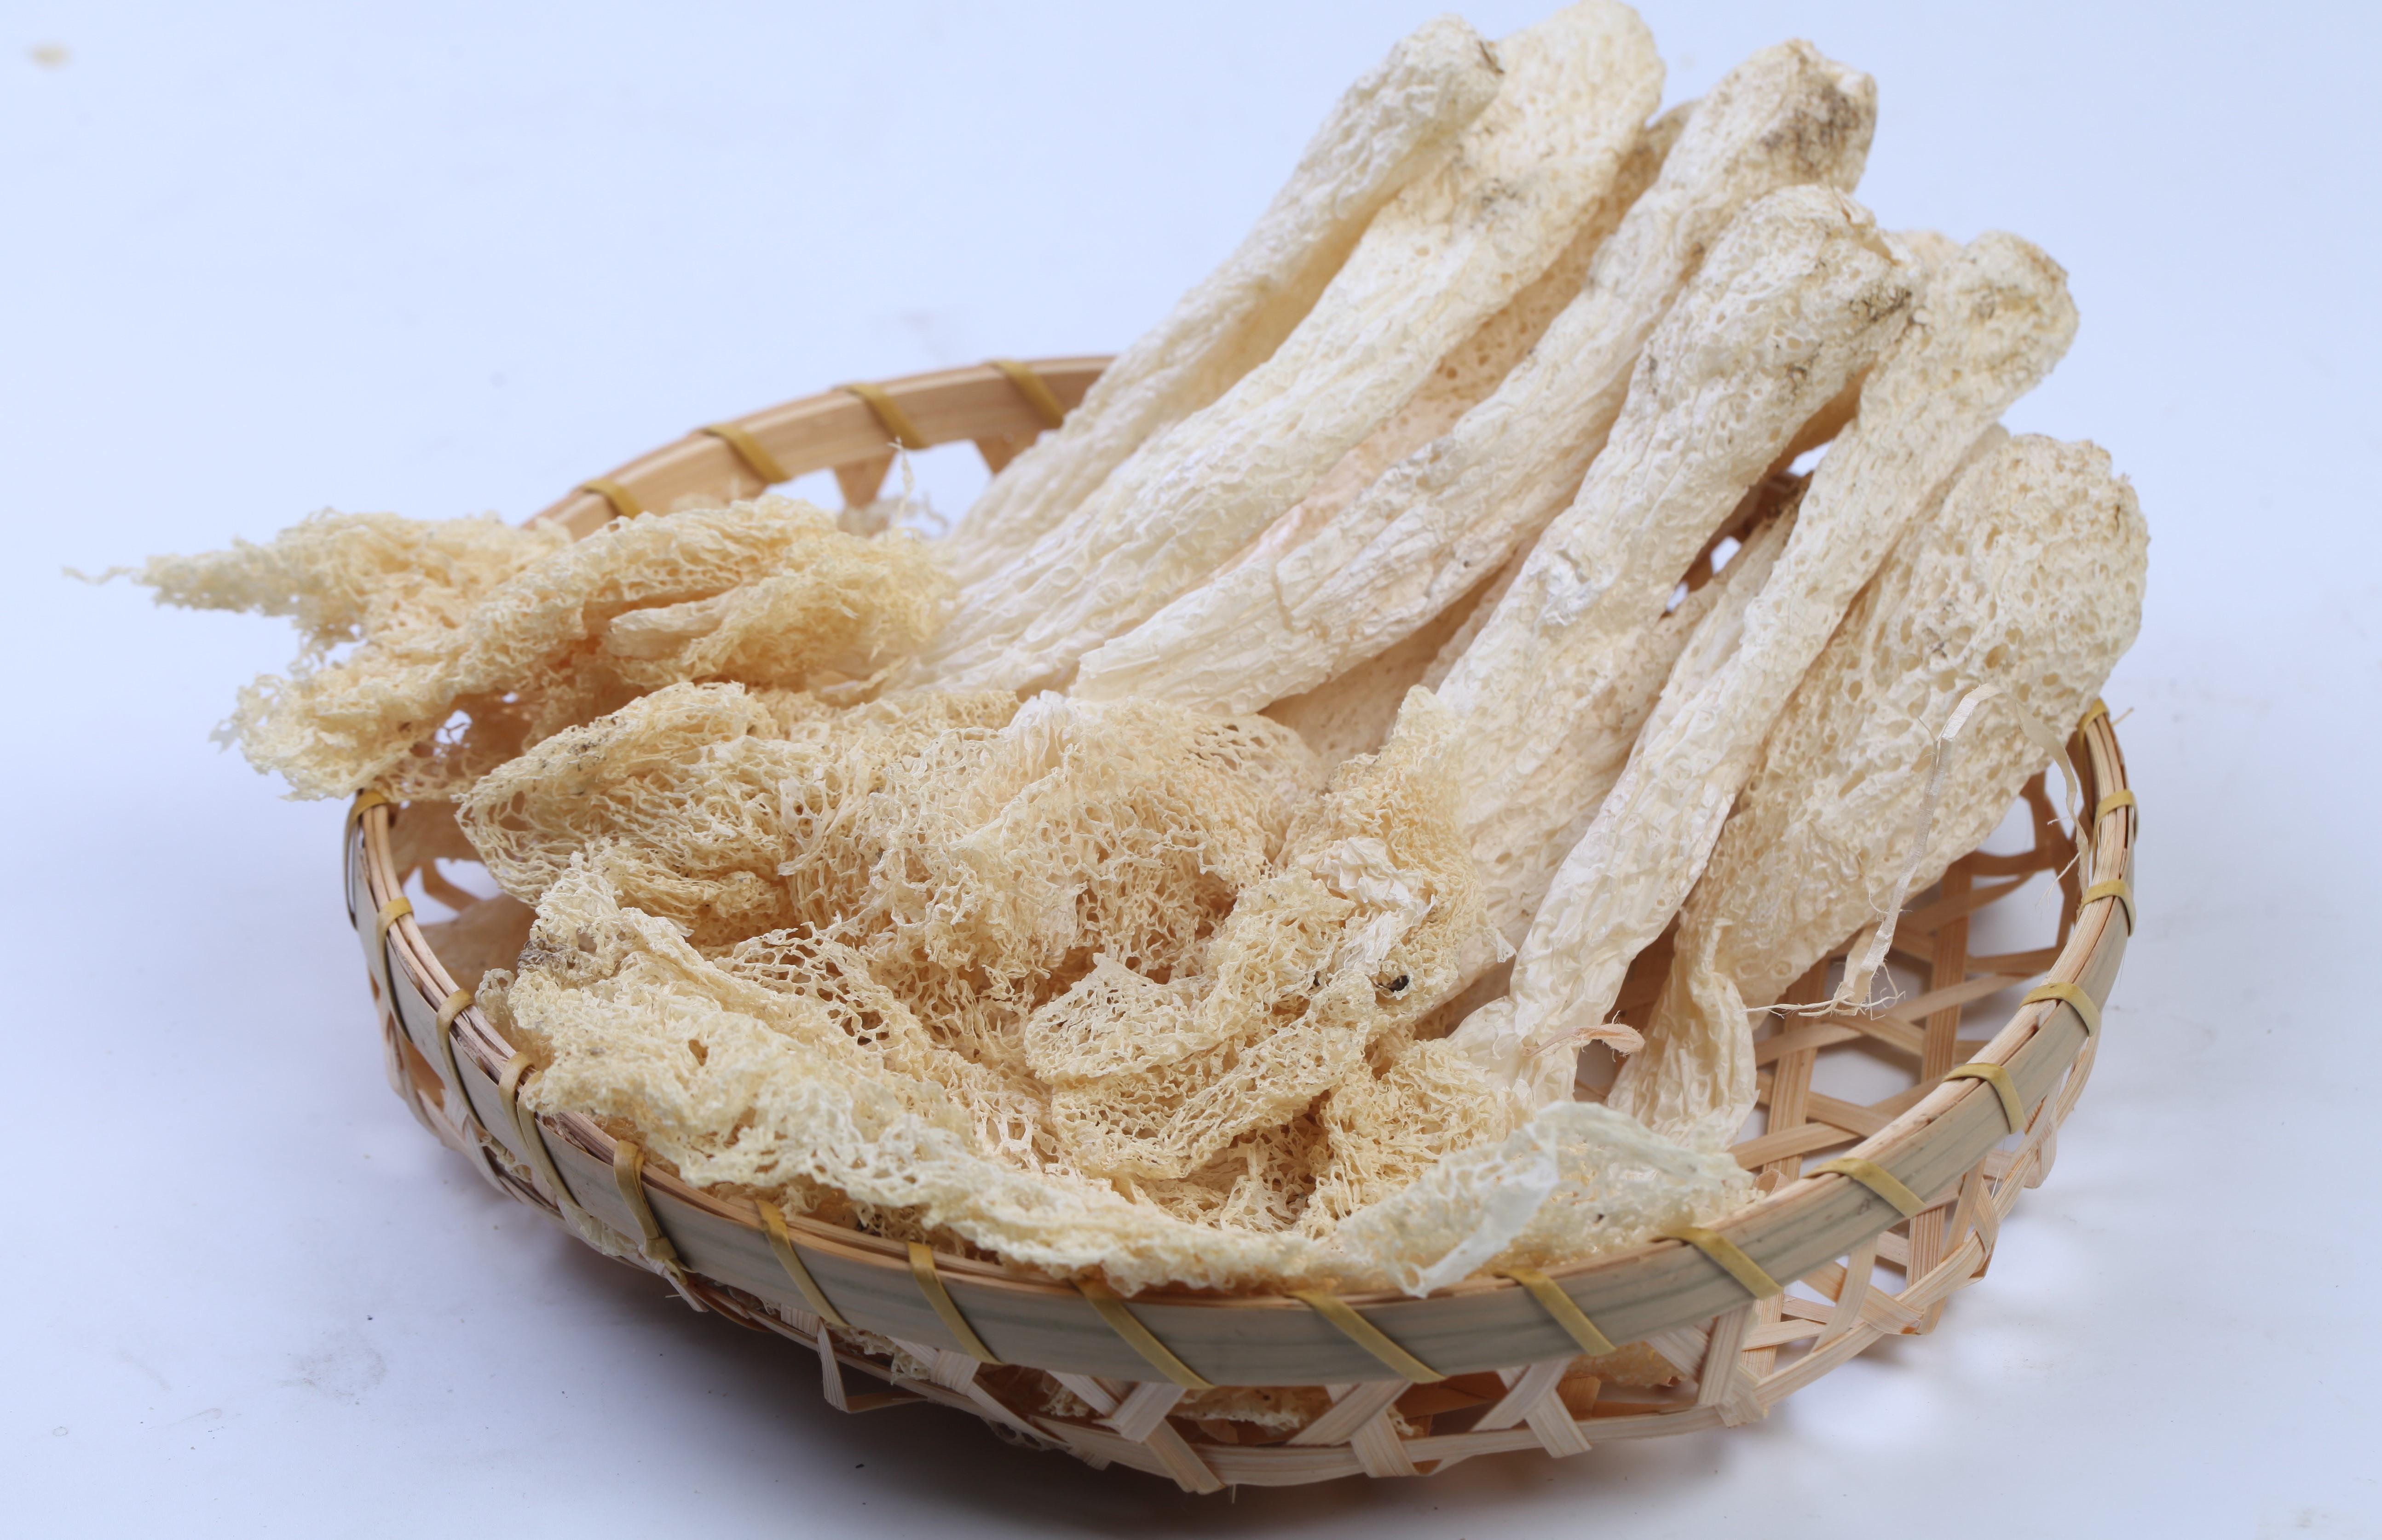 野生羊肚菌生长环境_除了松茸,这些知名野生菌类你认识几种?